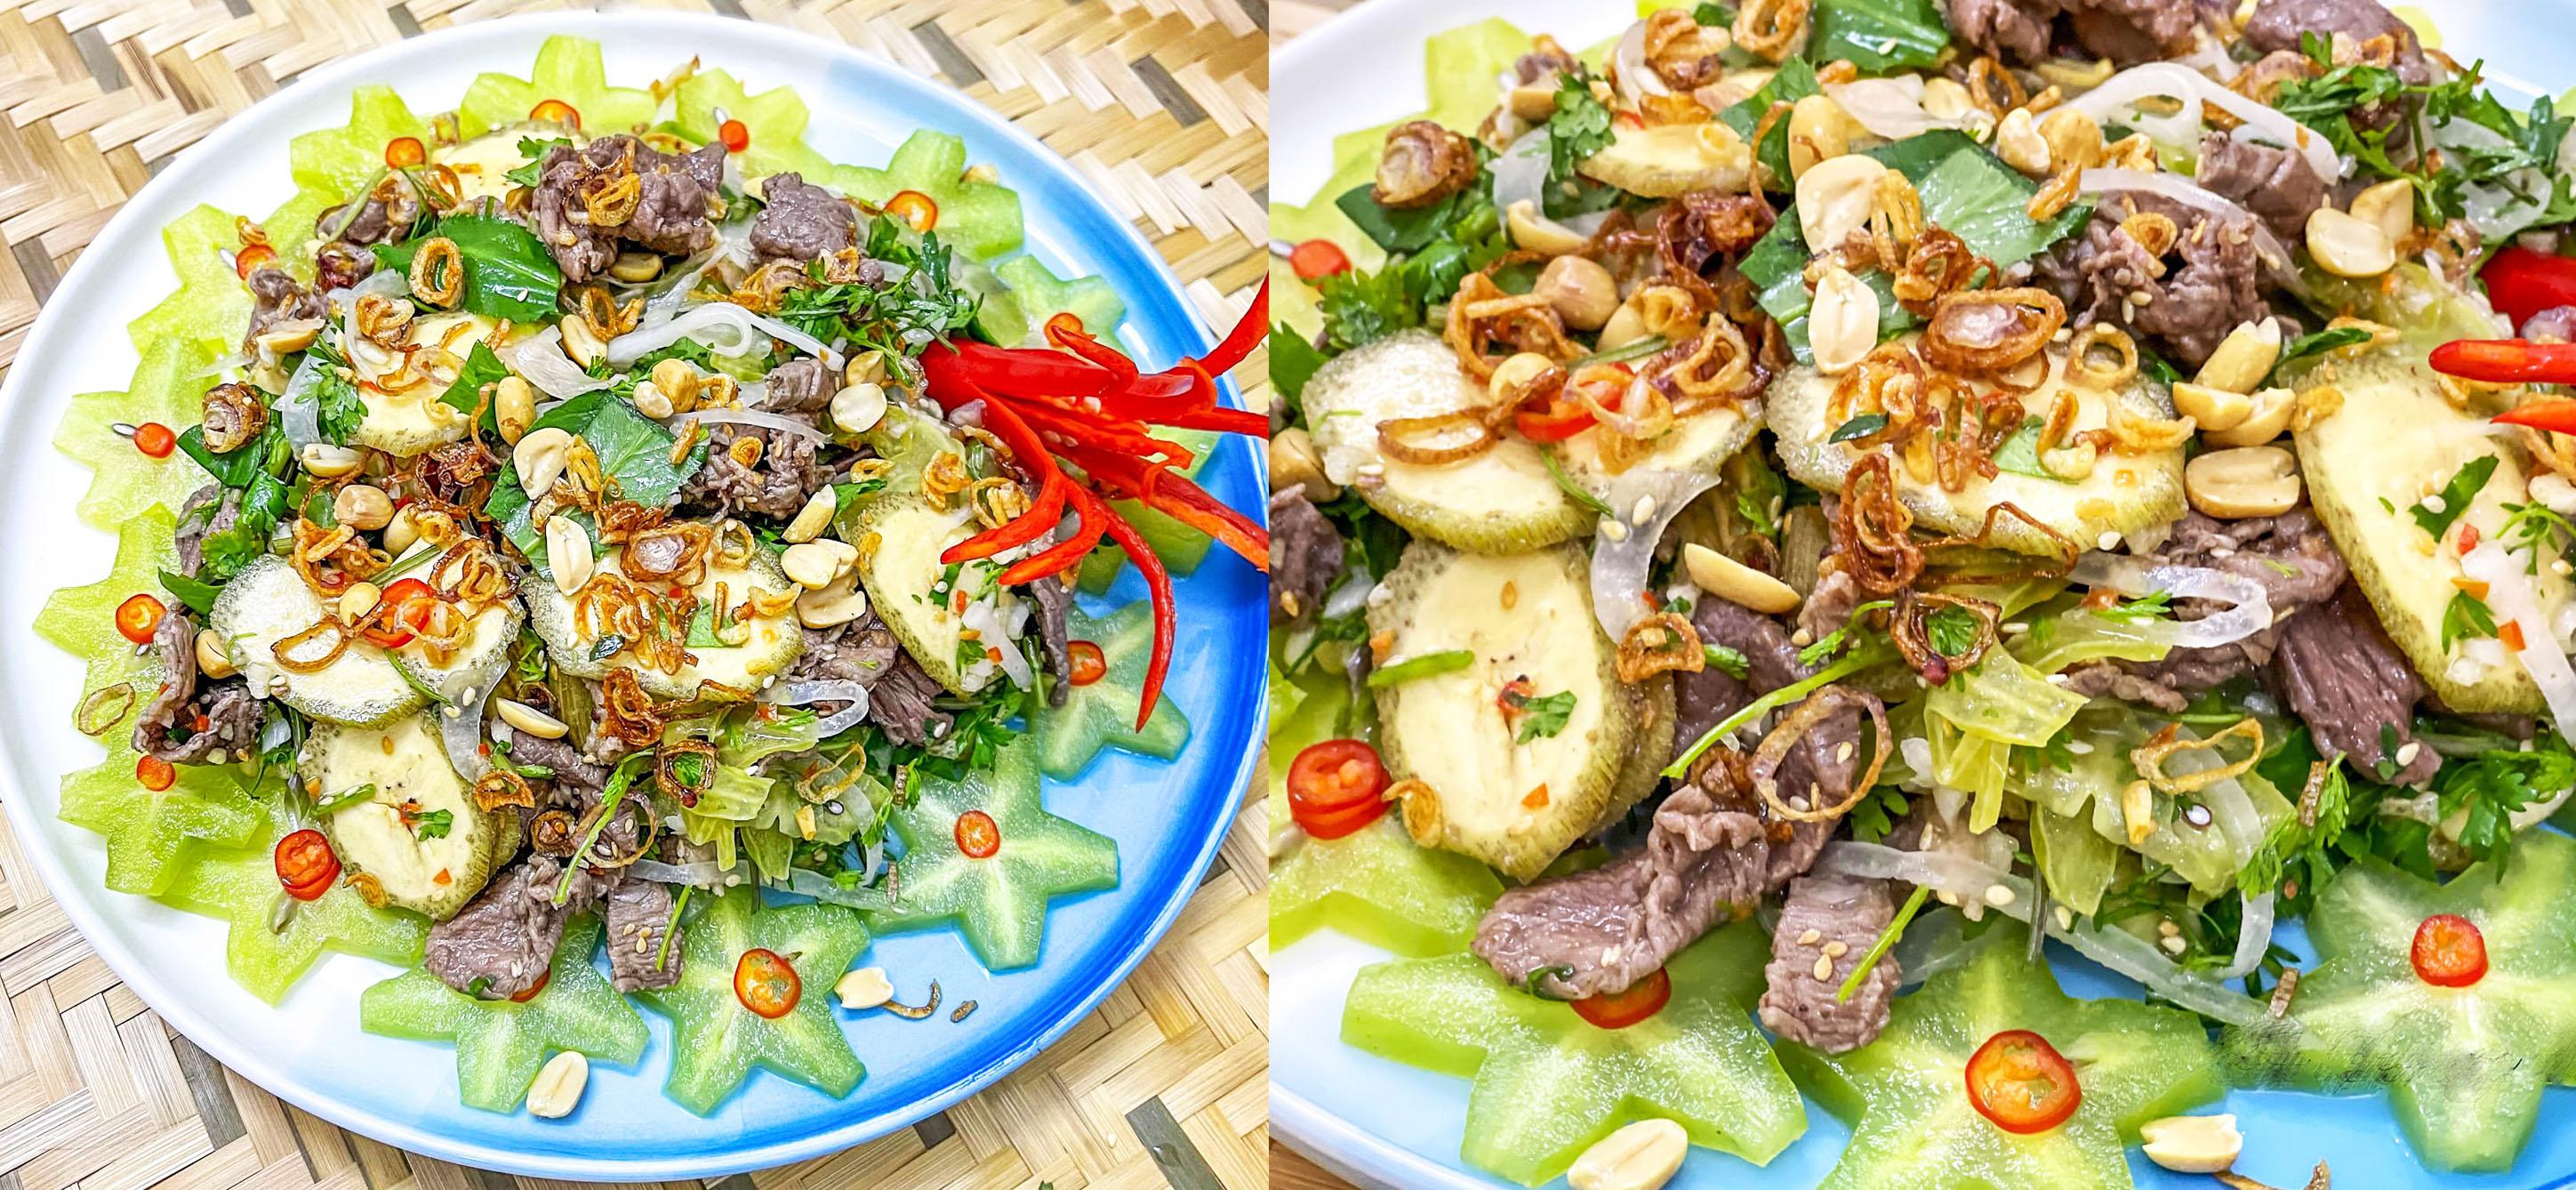 Cách làm món gỏi bò bóp thấu thịt mềm ngọt, không bị dai